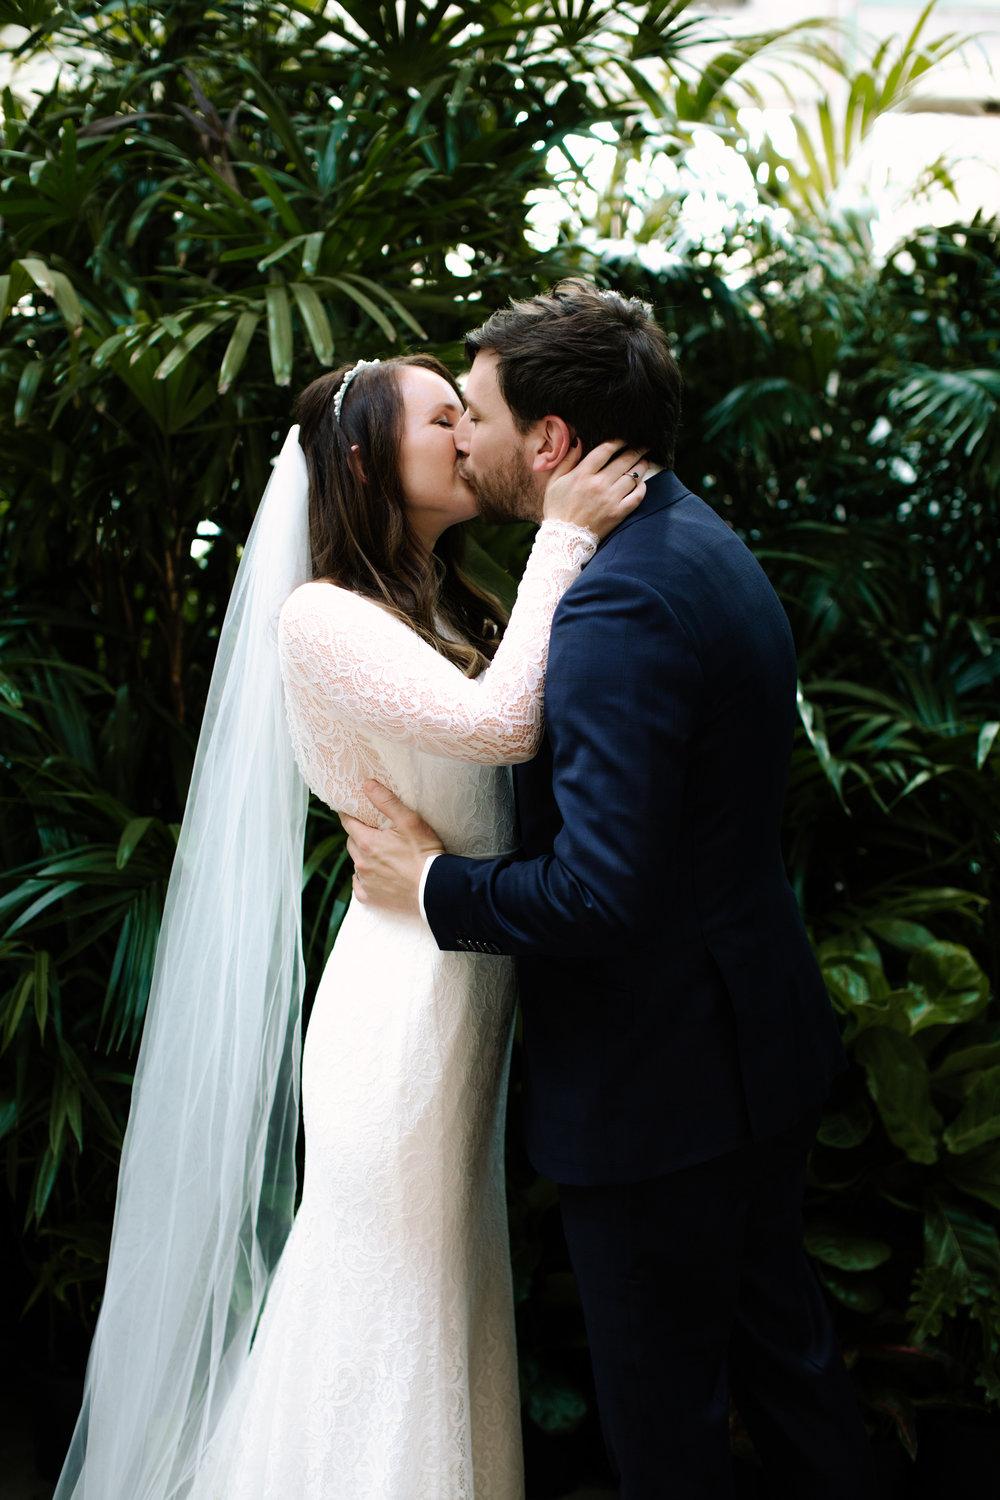 I_Got_You_Babe_Weddings_Emily_Matt_Rupert_Glasshaus_Melbourne0078.JPG